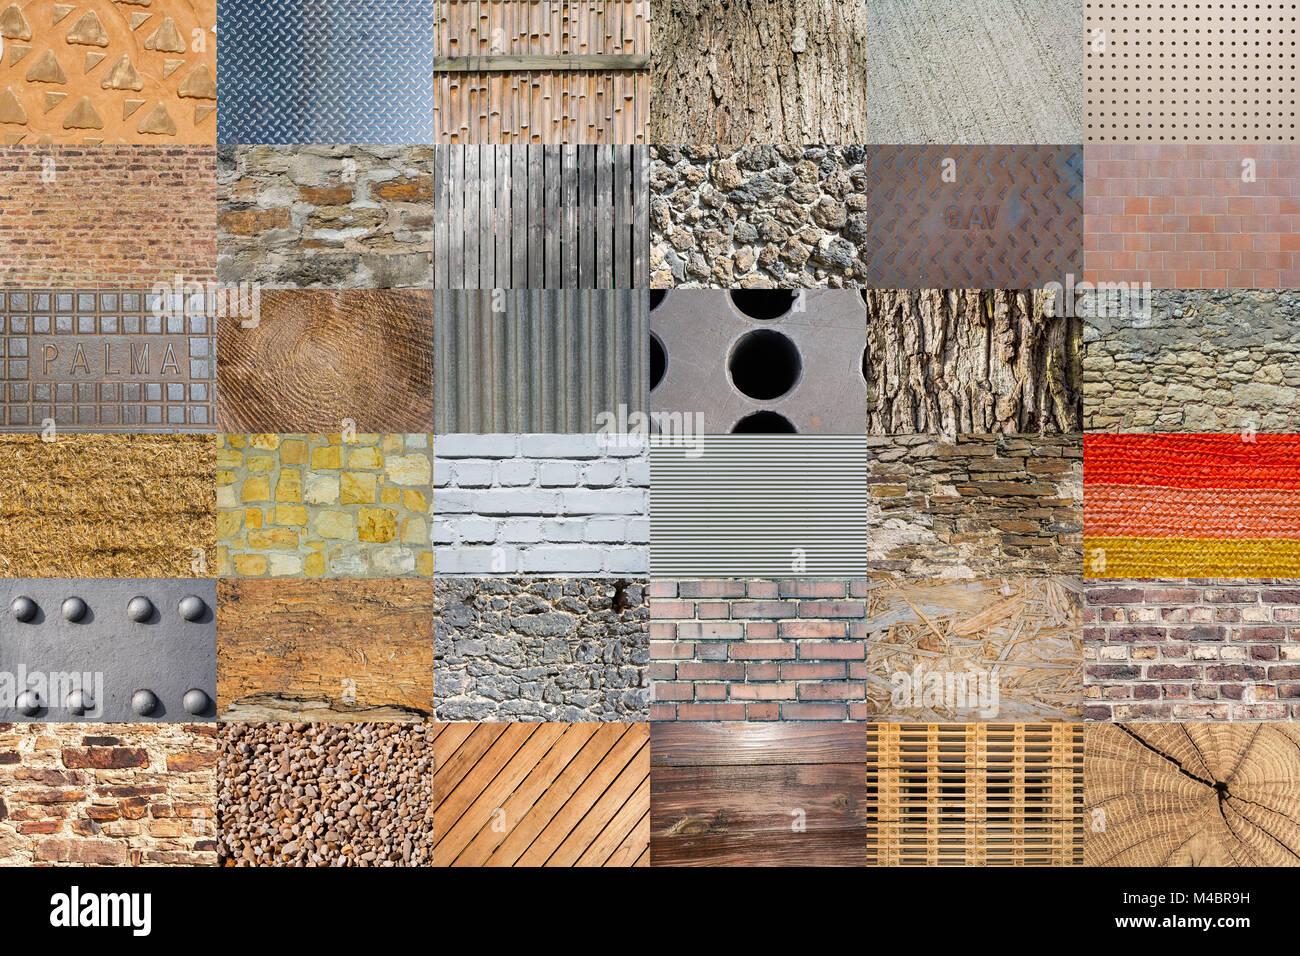 Campionatore - texture e sfondi Immagini Stock